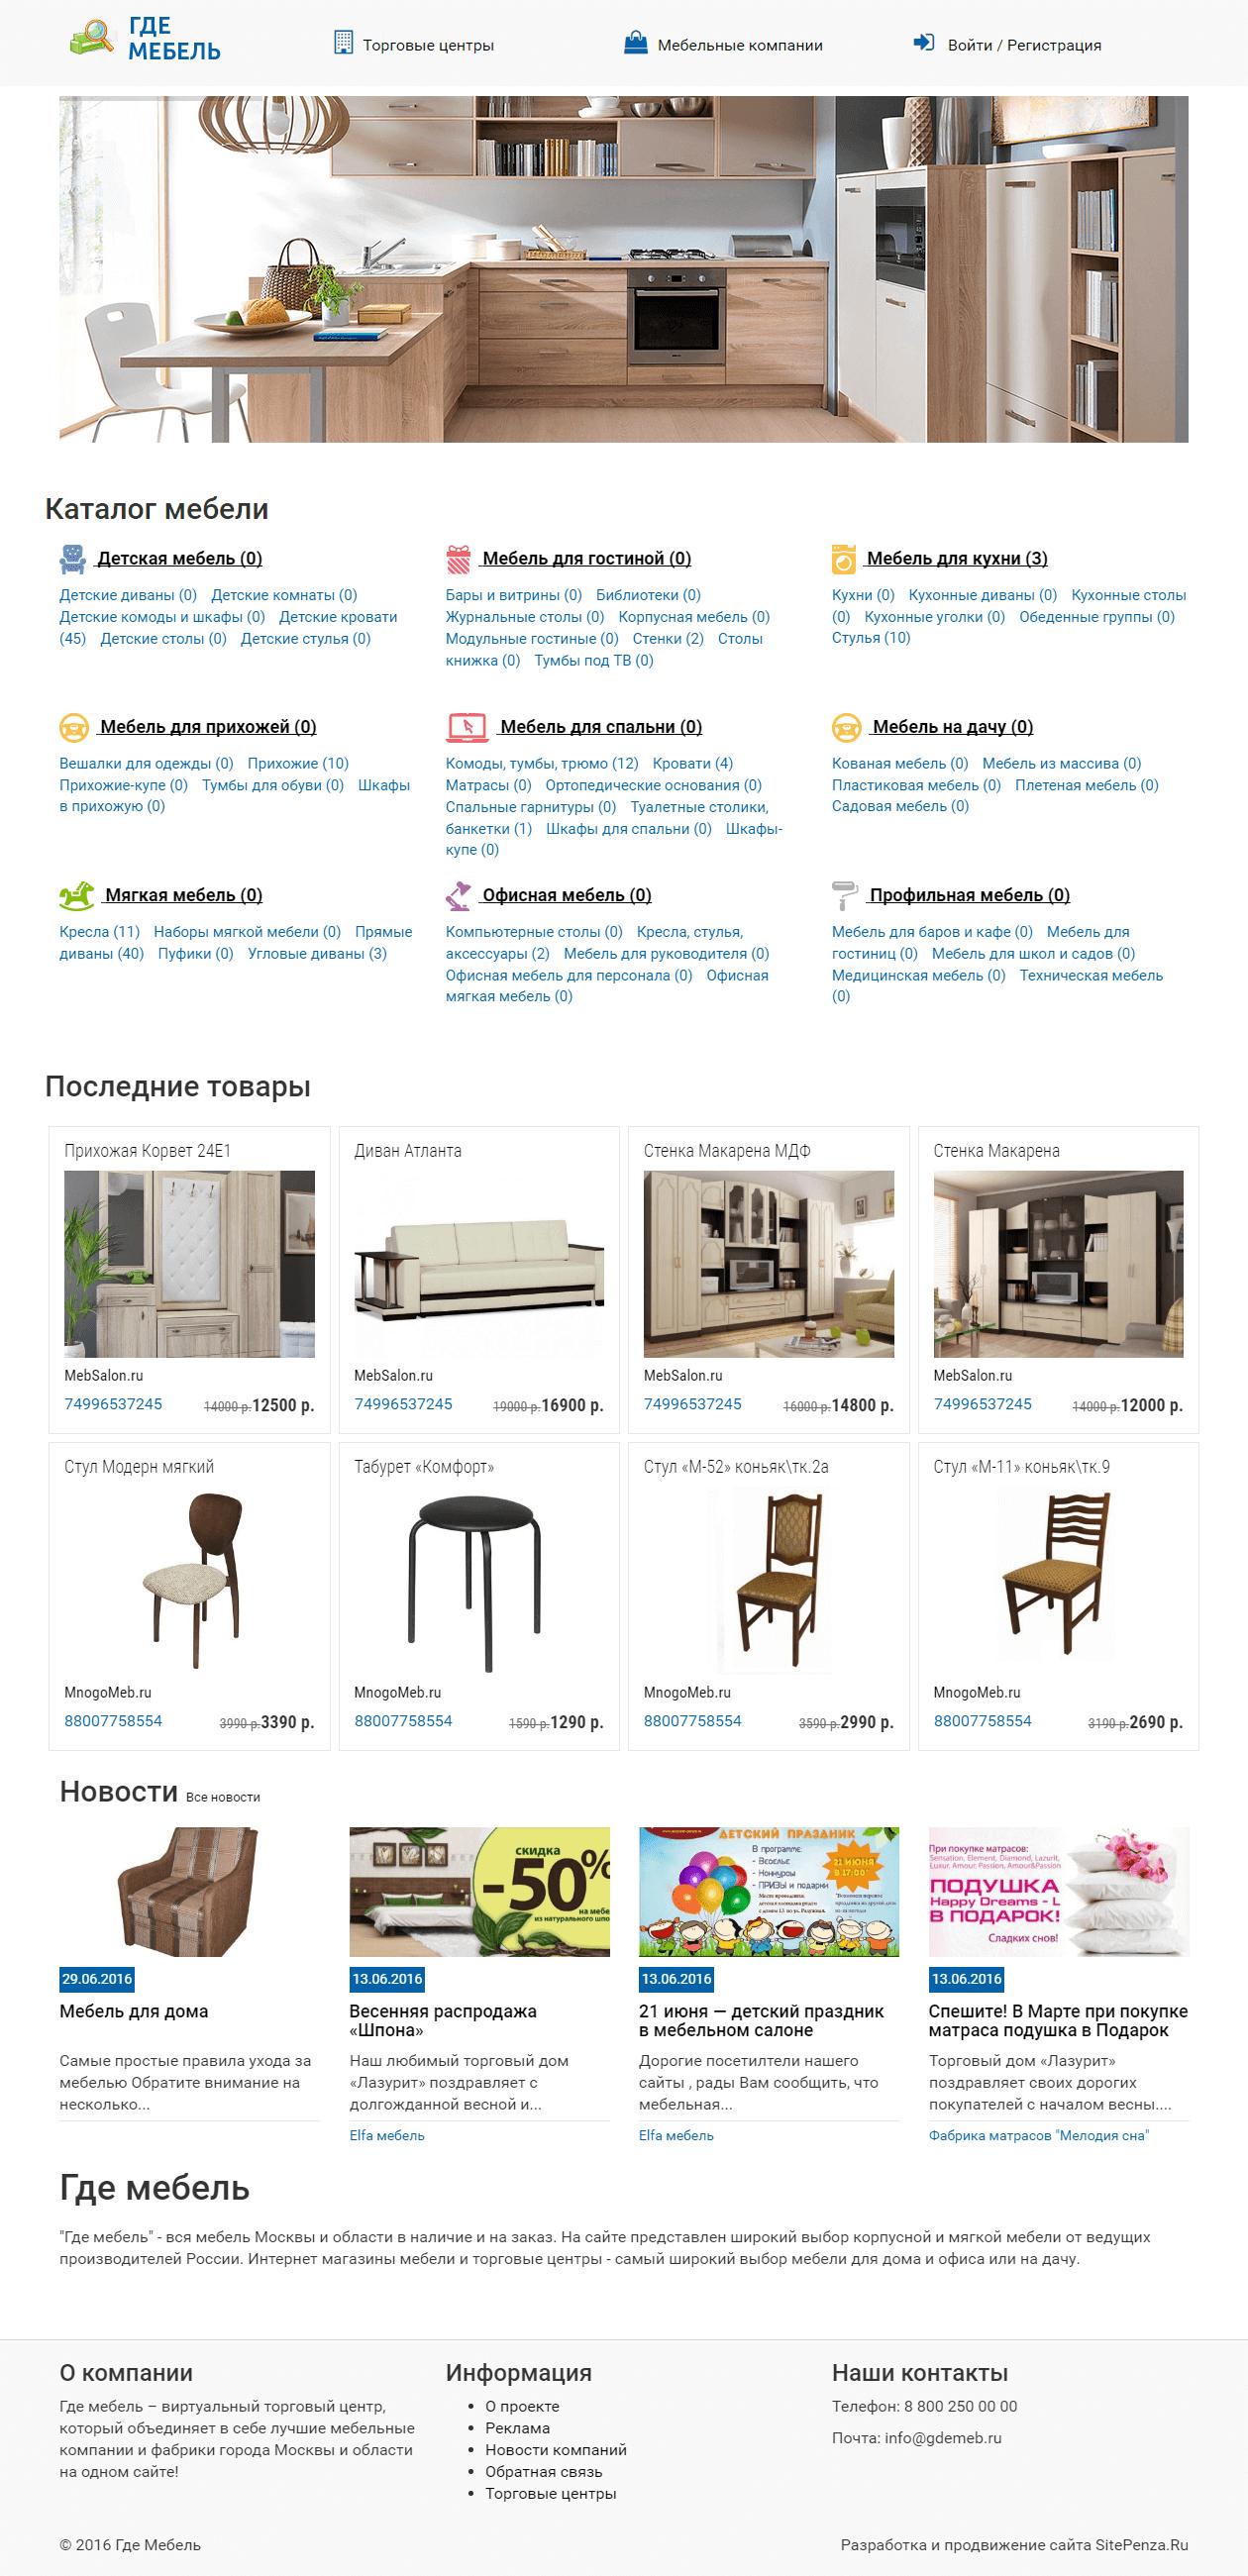 Где мебель